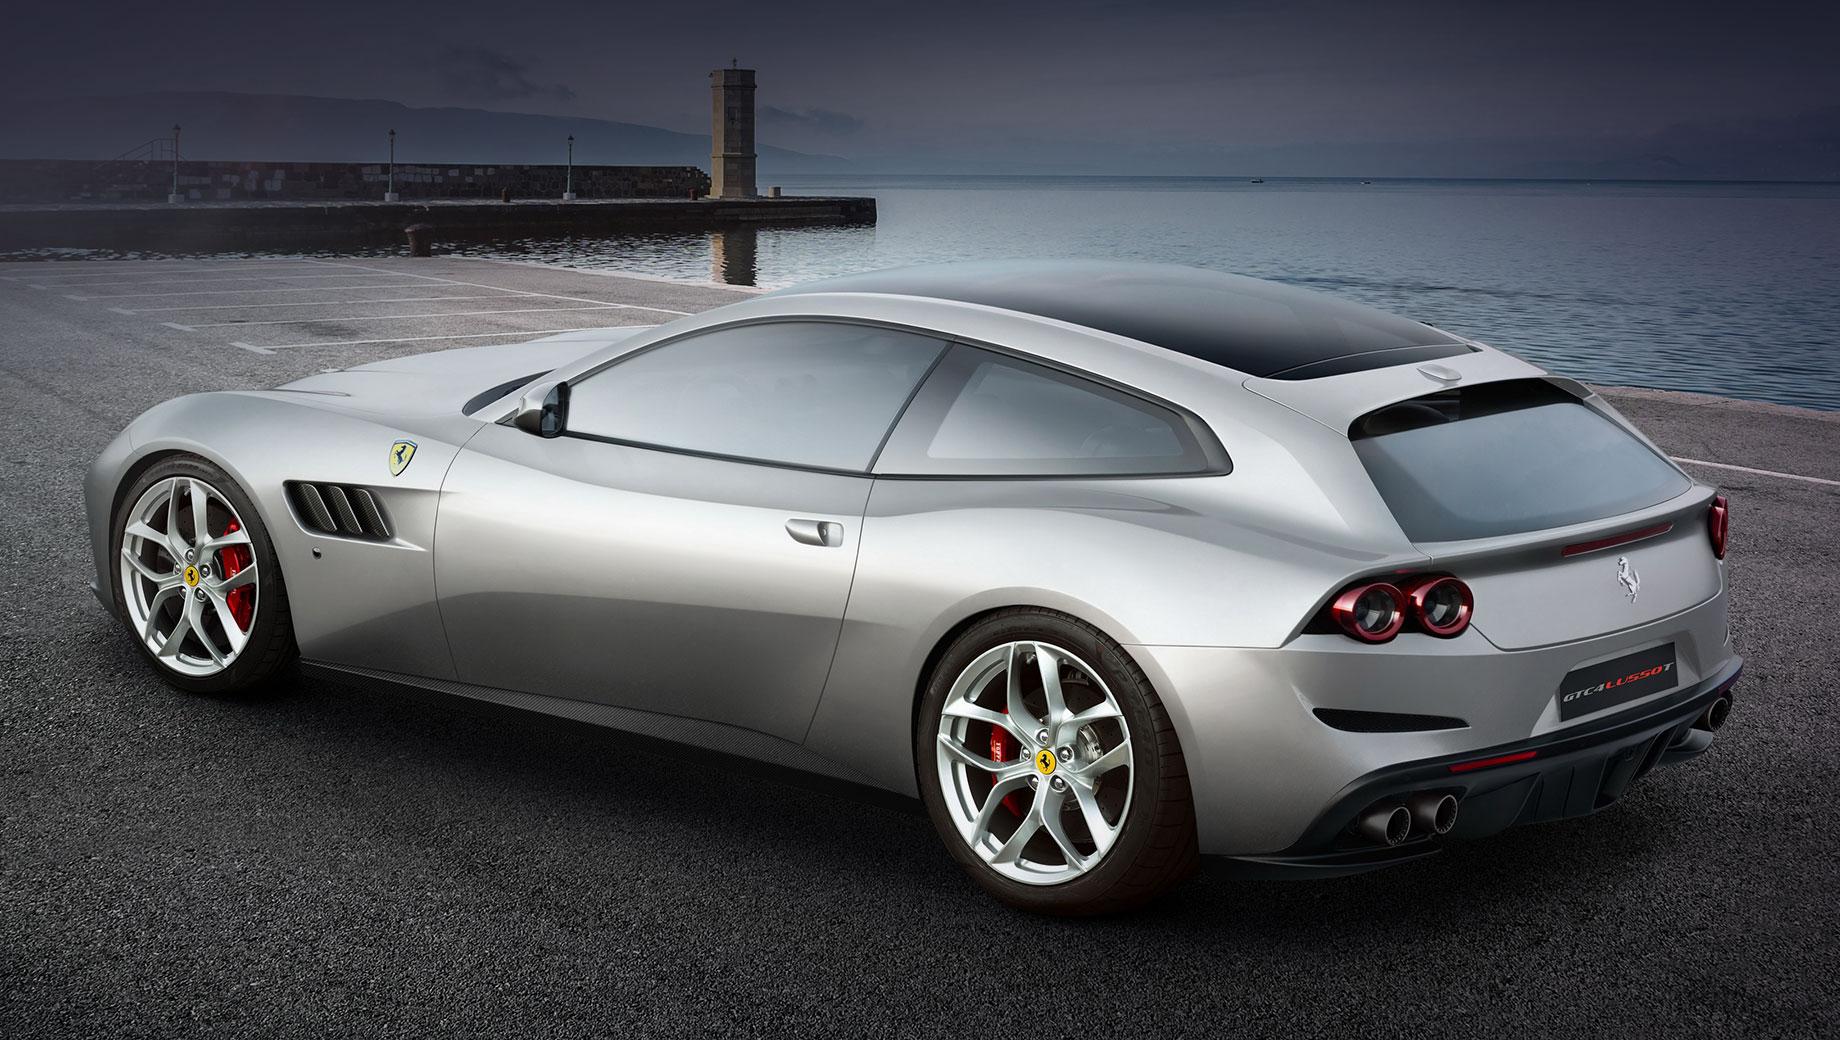 Ferrari purosangue,Ferrari suv. Все прототипы Purosangue, замеченные на сегодняшний день, напоминают универсал GTC4Lusso (на фото), который и уступит место паркетнику. «Ferrari сделает всё возможное, чтобы построить самый быстрый кроссовер», — обещал Серджио Маркионне, выступая в 2018 году в Детройте.